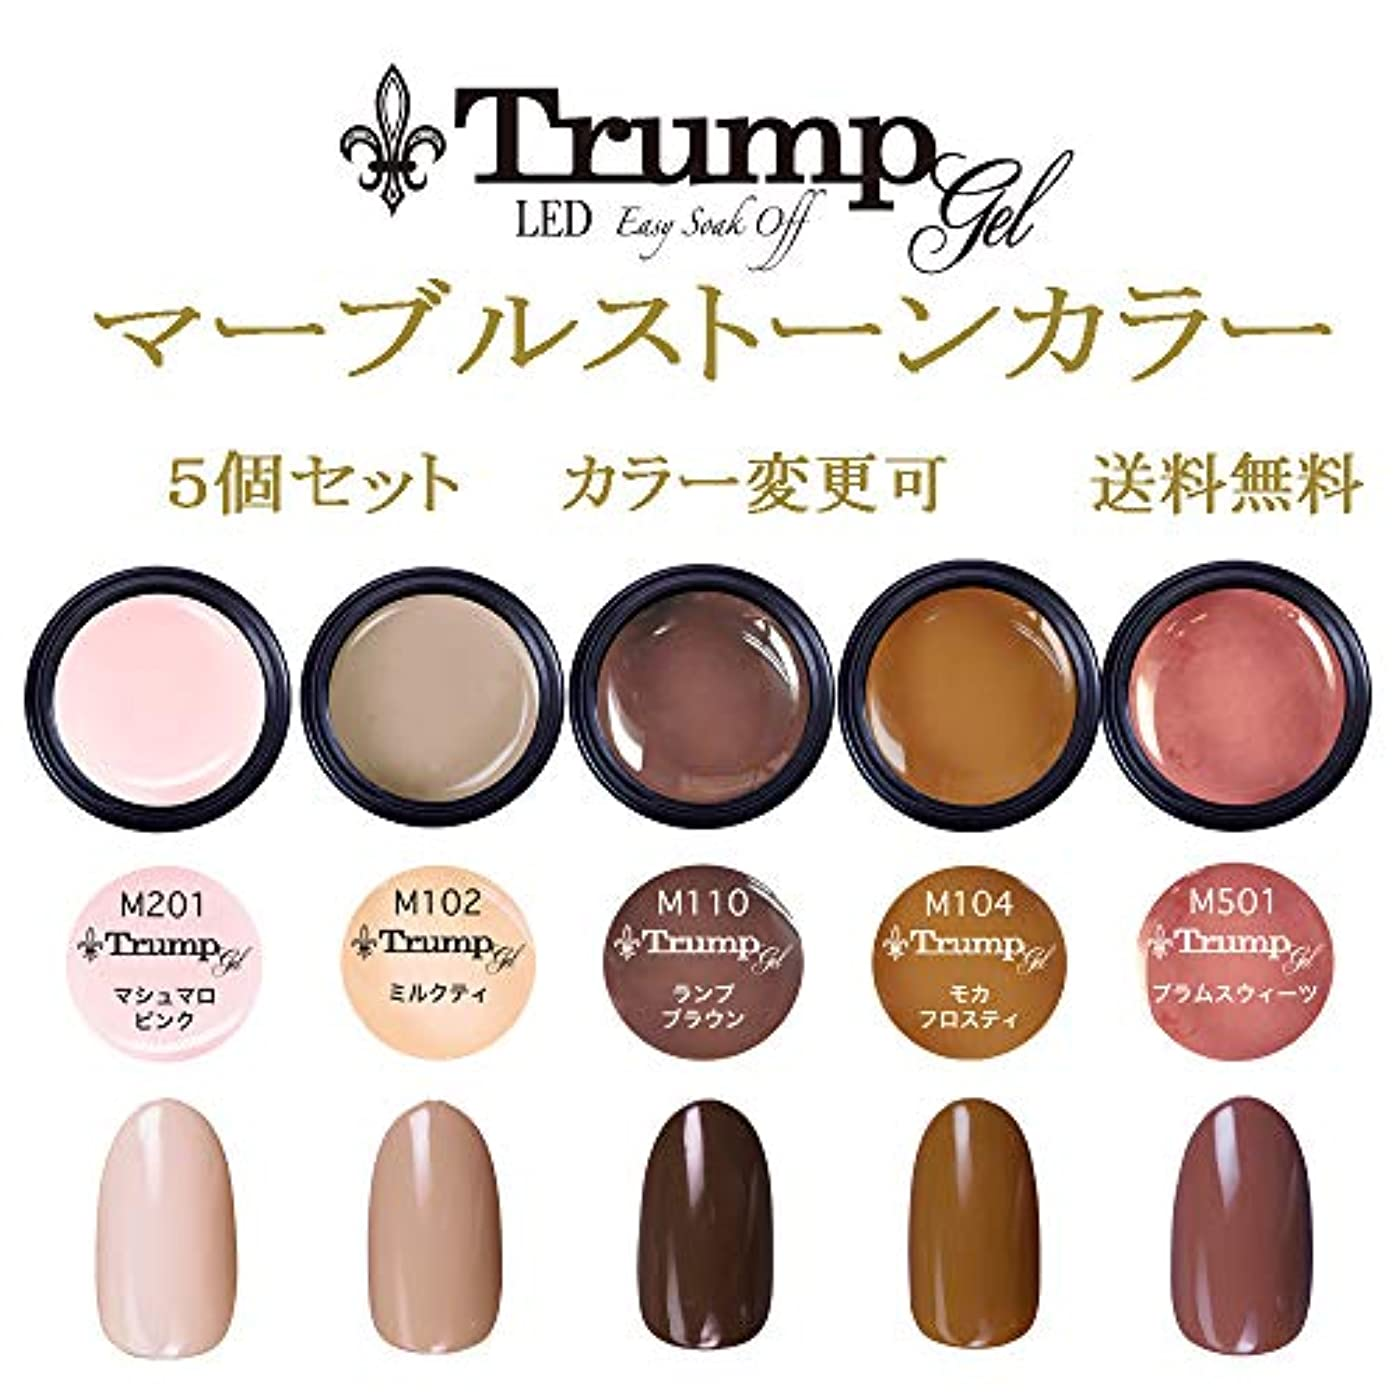 労働者ディスパッチ産地【送料無料】日本製 Trump gel トランプジェル マーブルストーン カラージェル 5個セット 人気の大理石ネイルカラーをチョイス